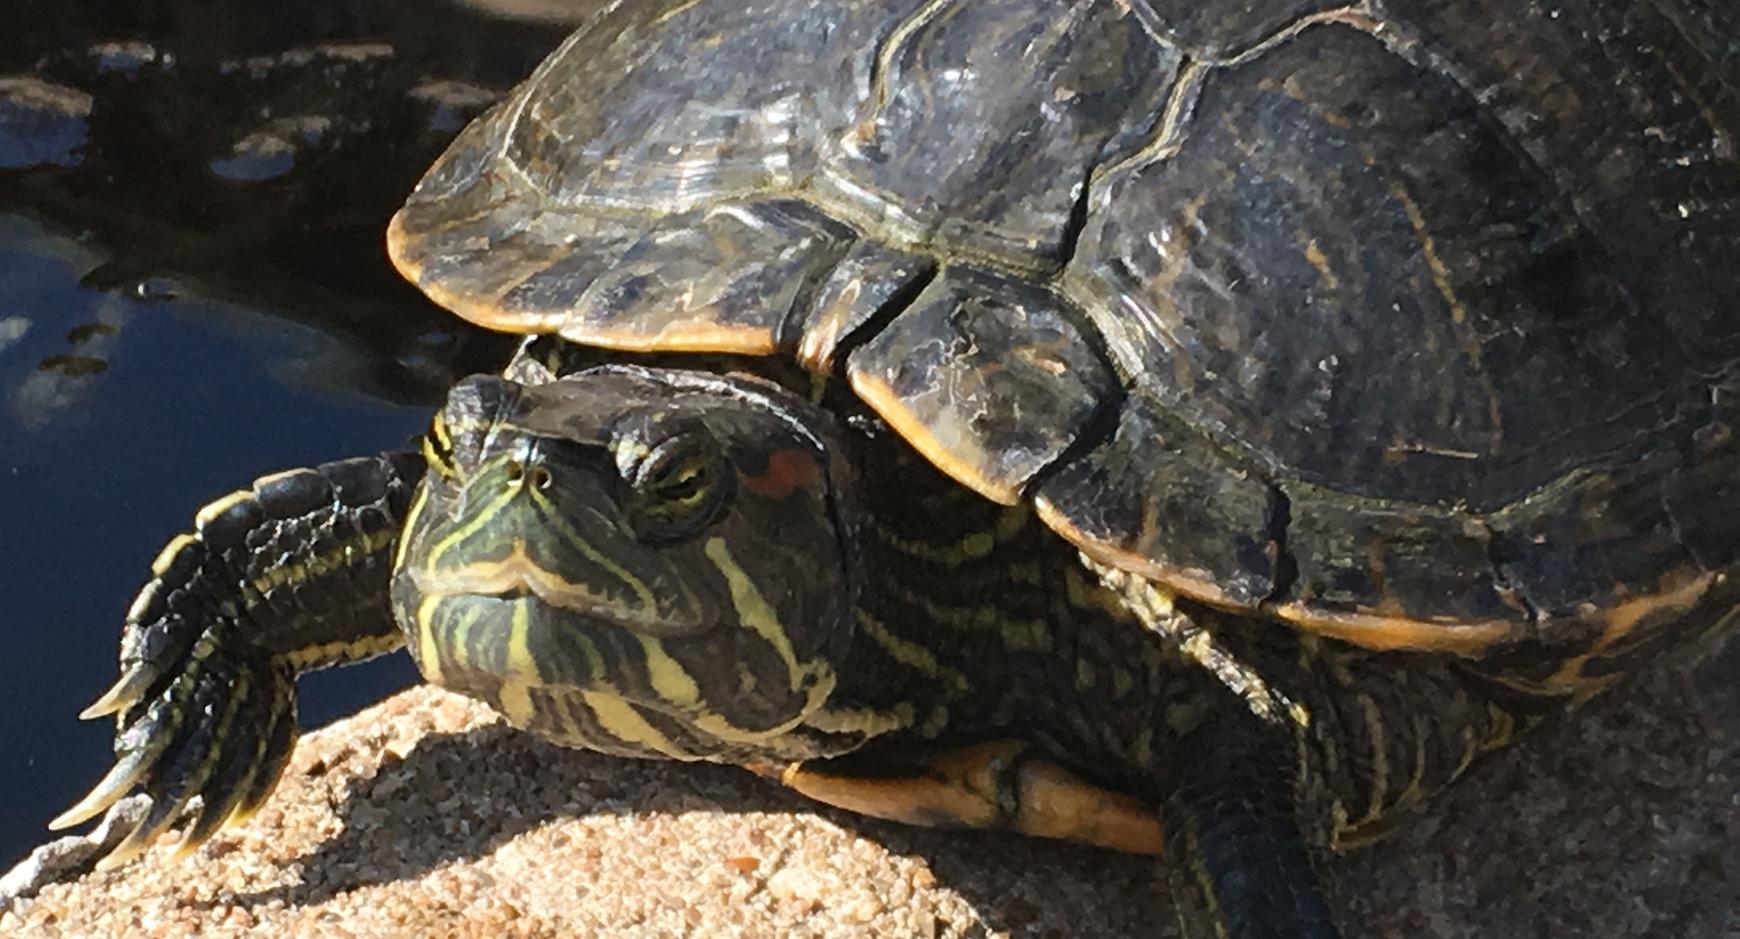 UT Austin turtle